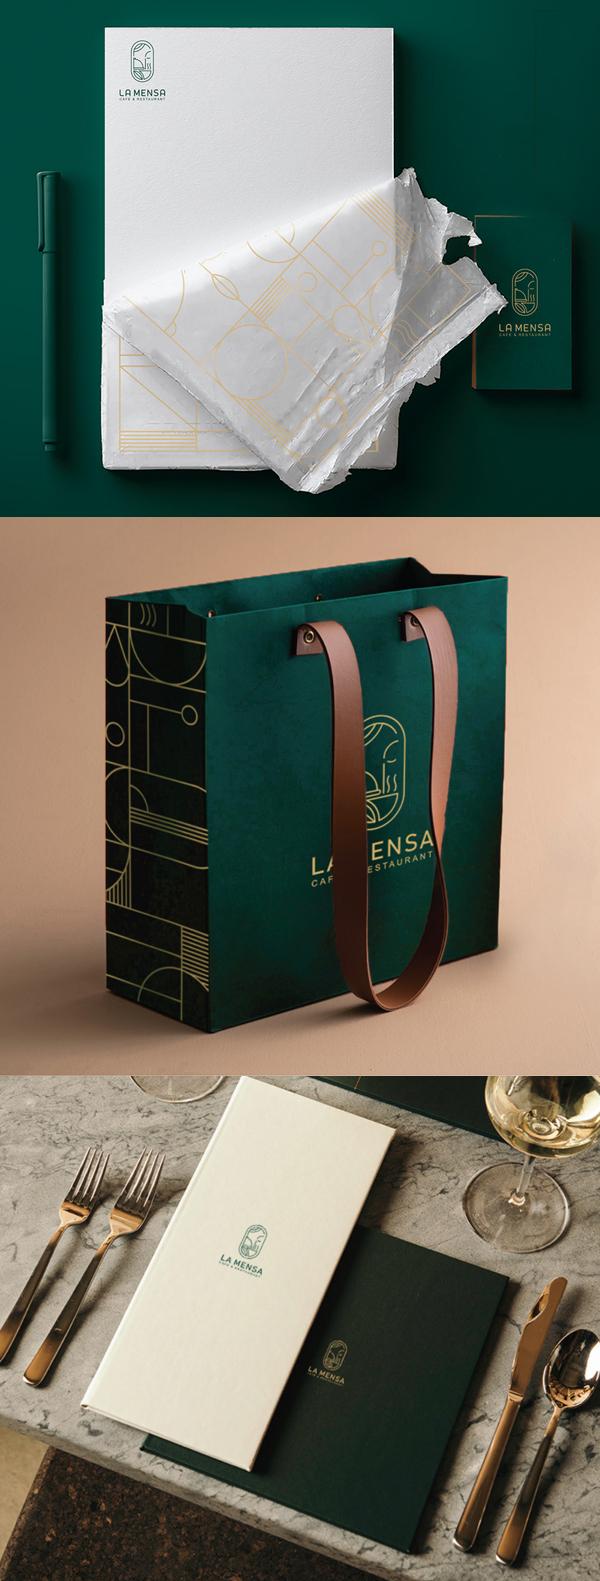 Stationery - LA MENSA Identity Design by Zeynab Shabankari